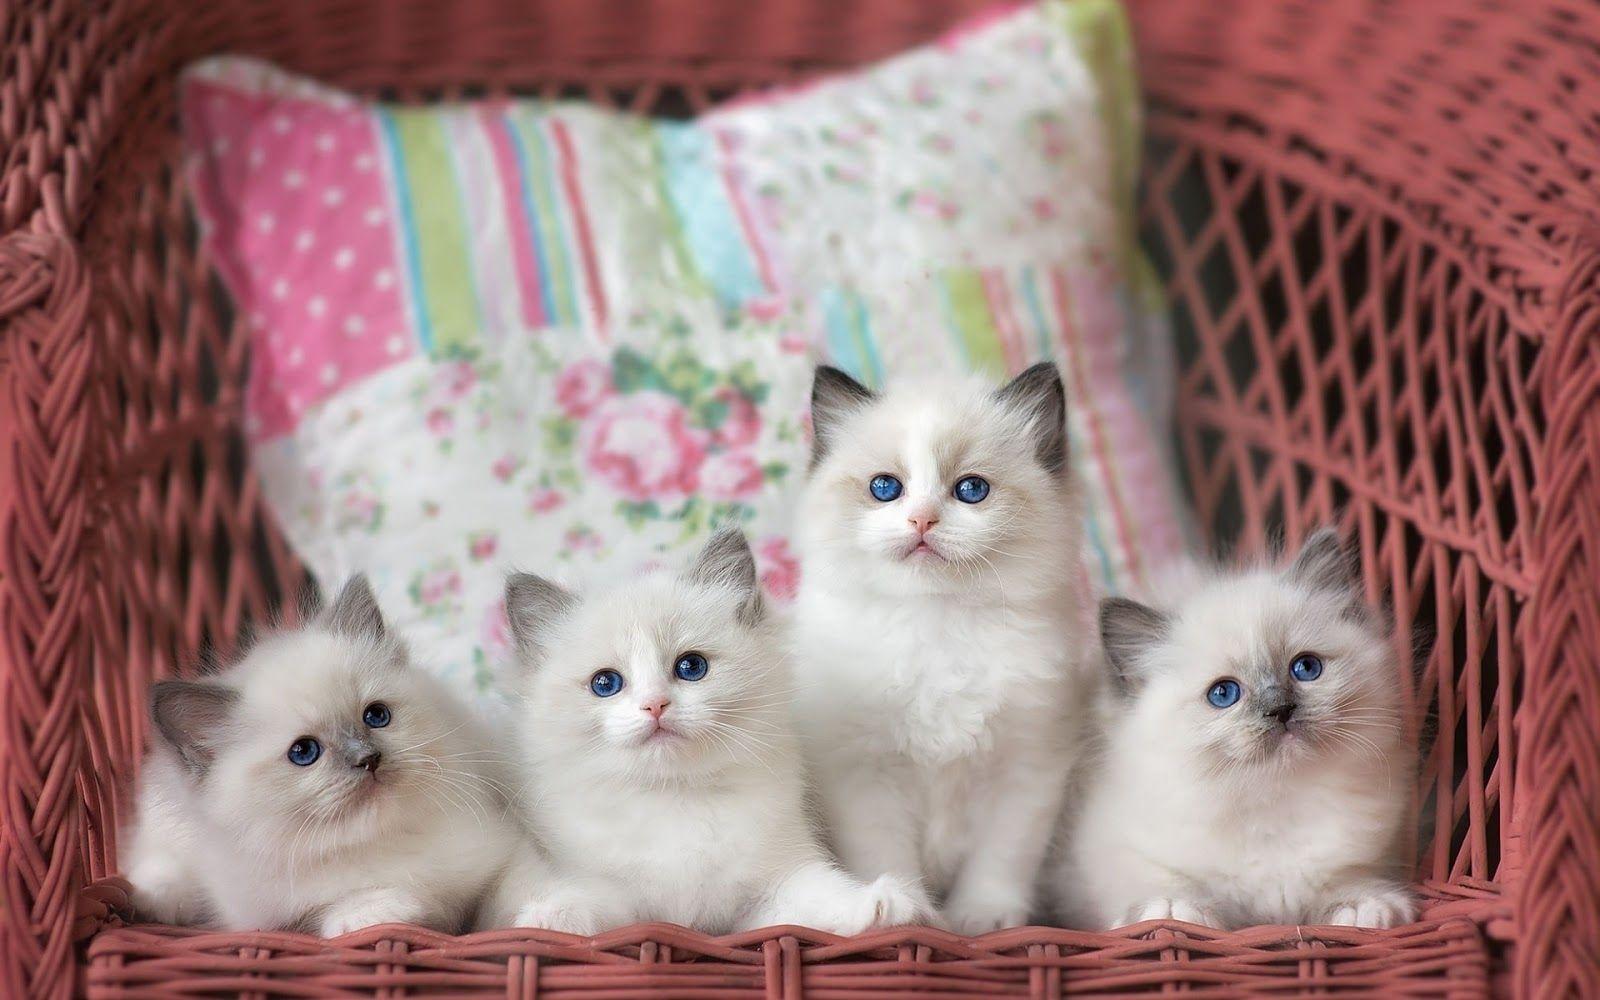 Magnifique Fonds D Ecran De Chat Pour Decorer Votre Ordinateur Cute Kittens Chats Et Chatons Chats Adorables